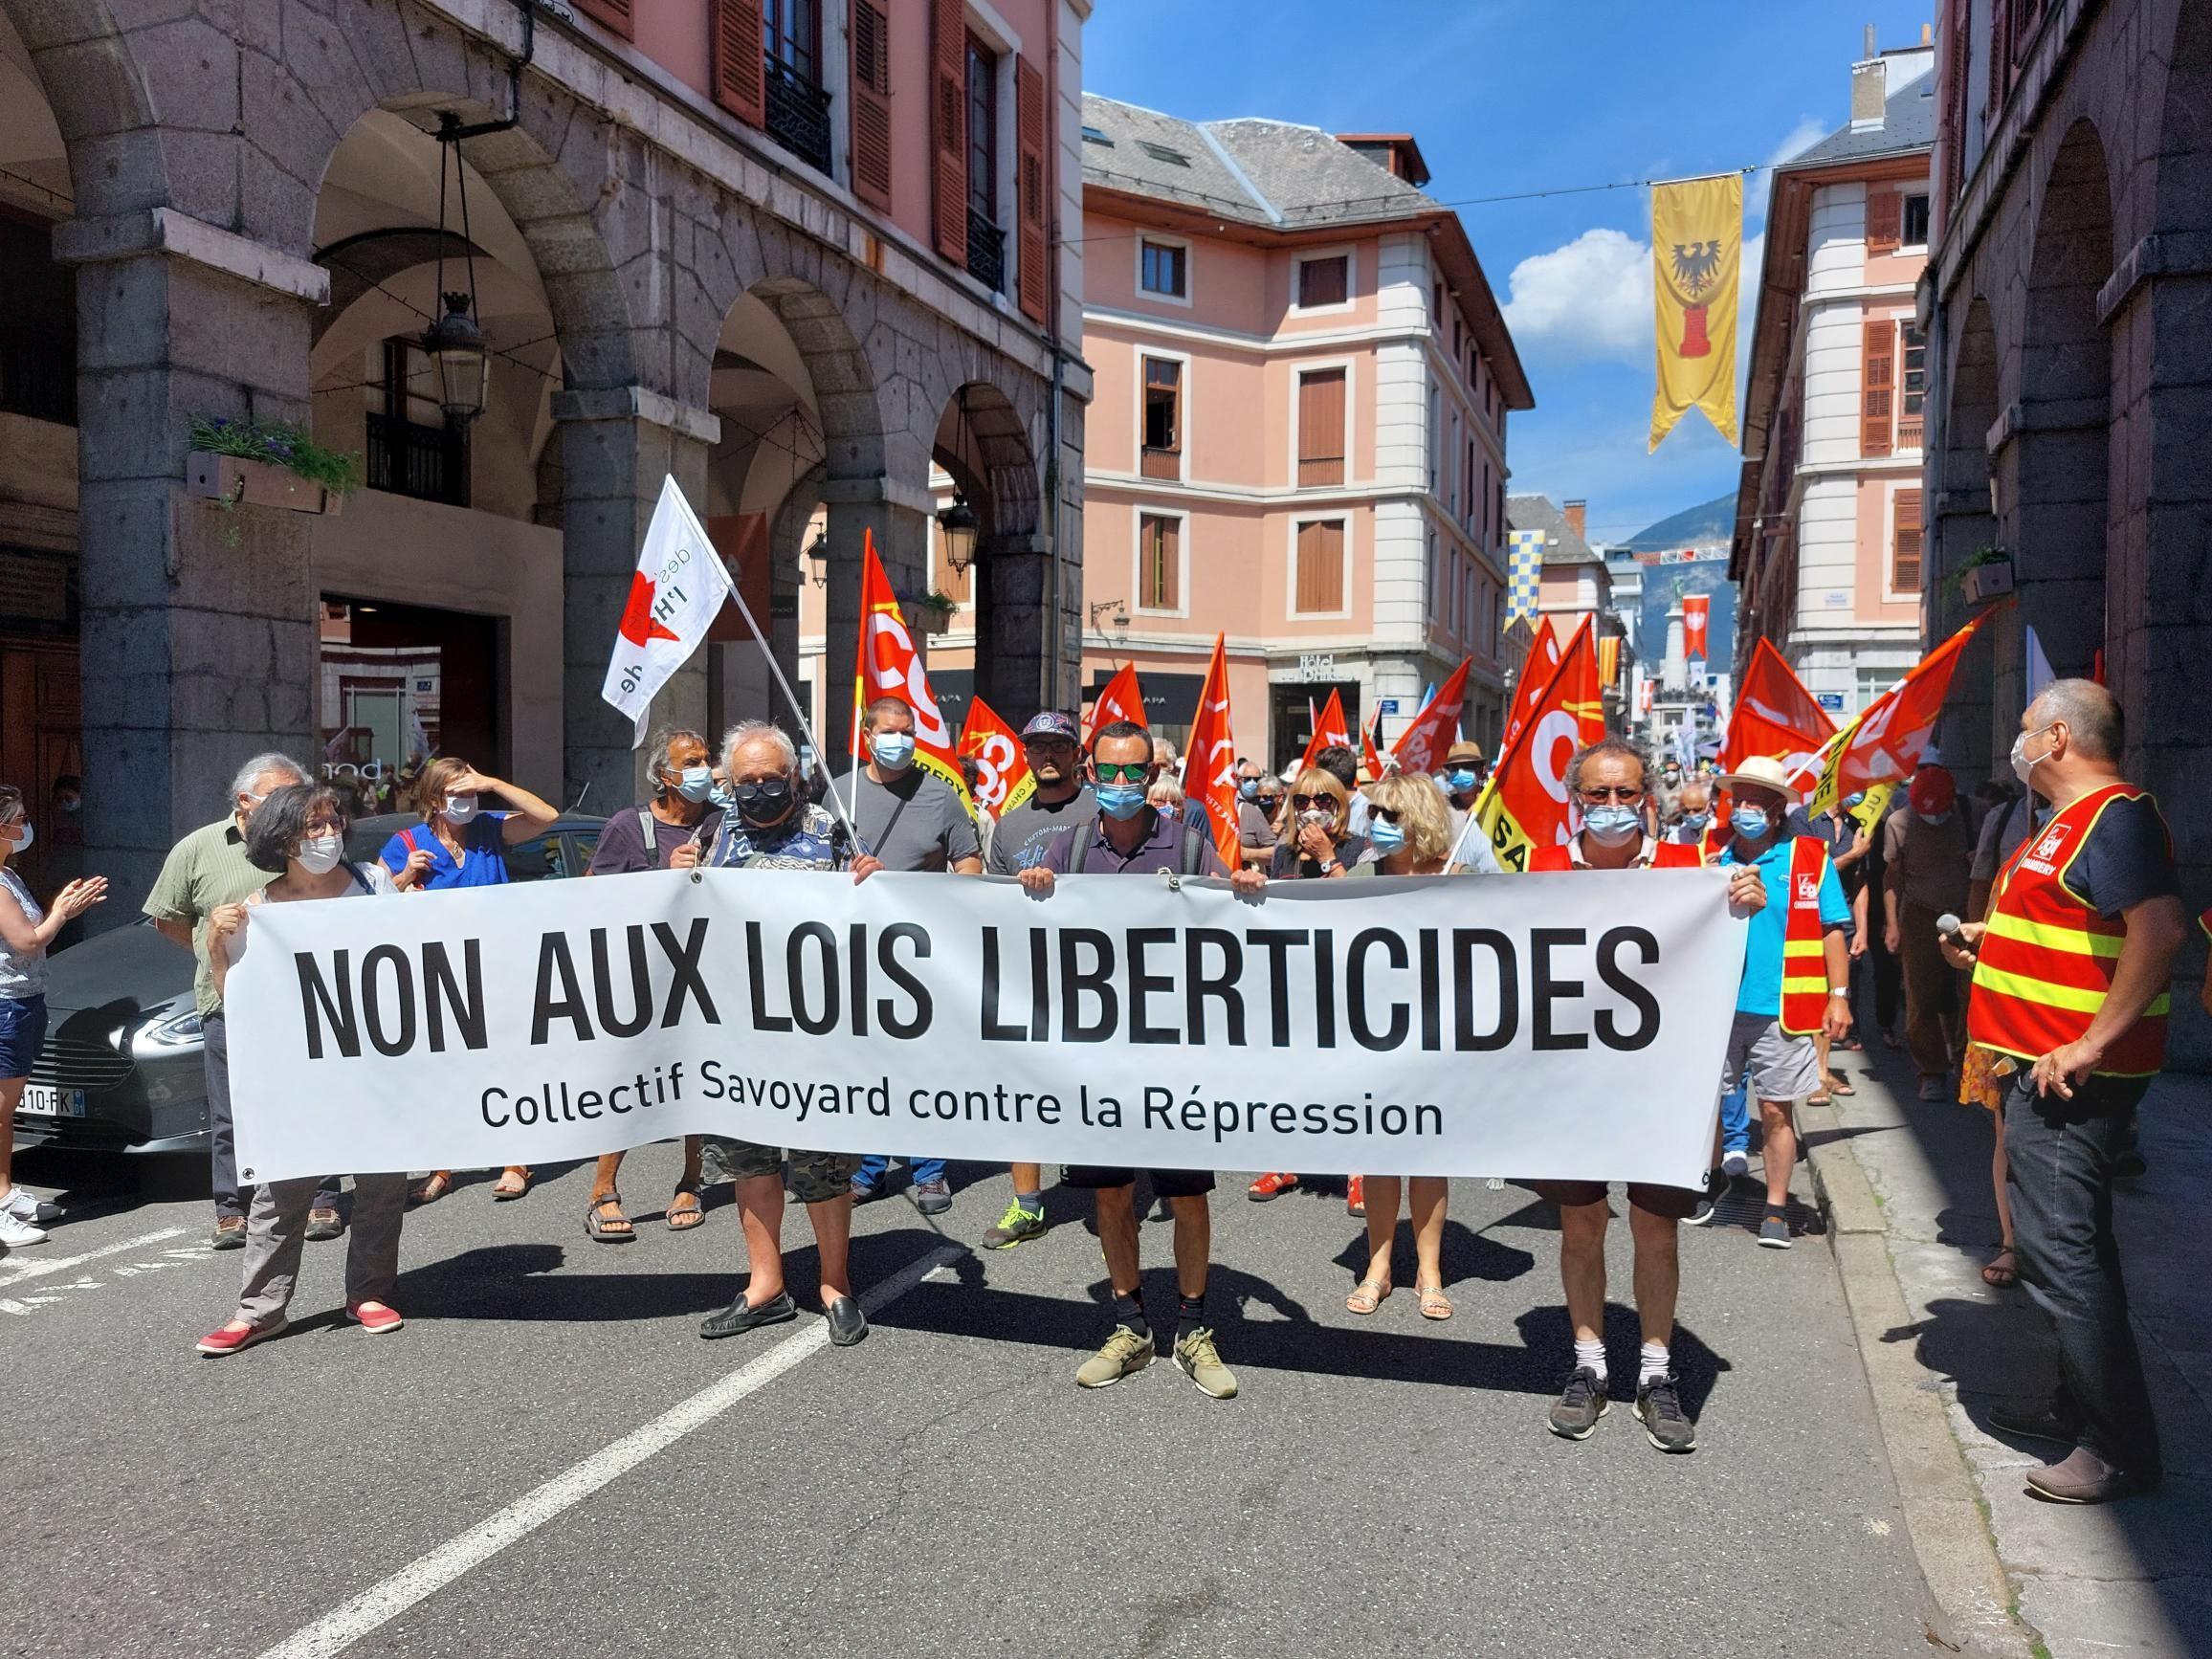 Luttes en Savoie: 400 manifestants à Chambéry contre le racisme le 12/06/21